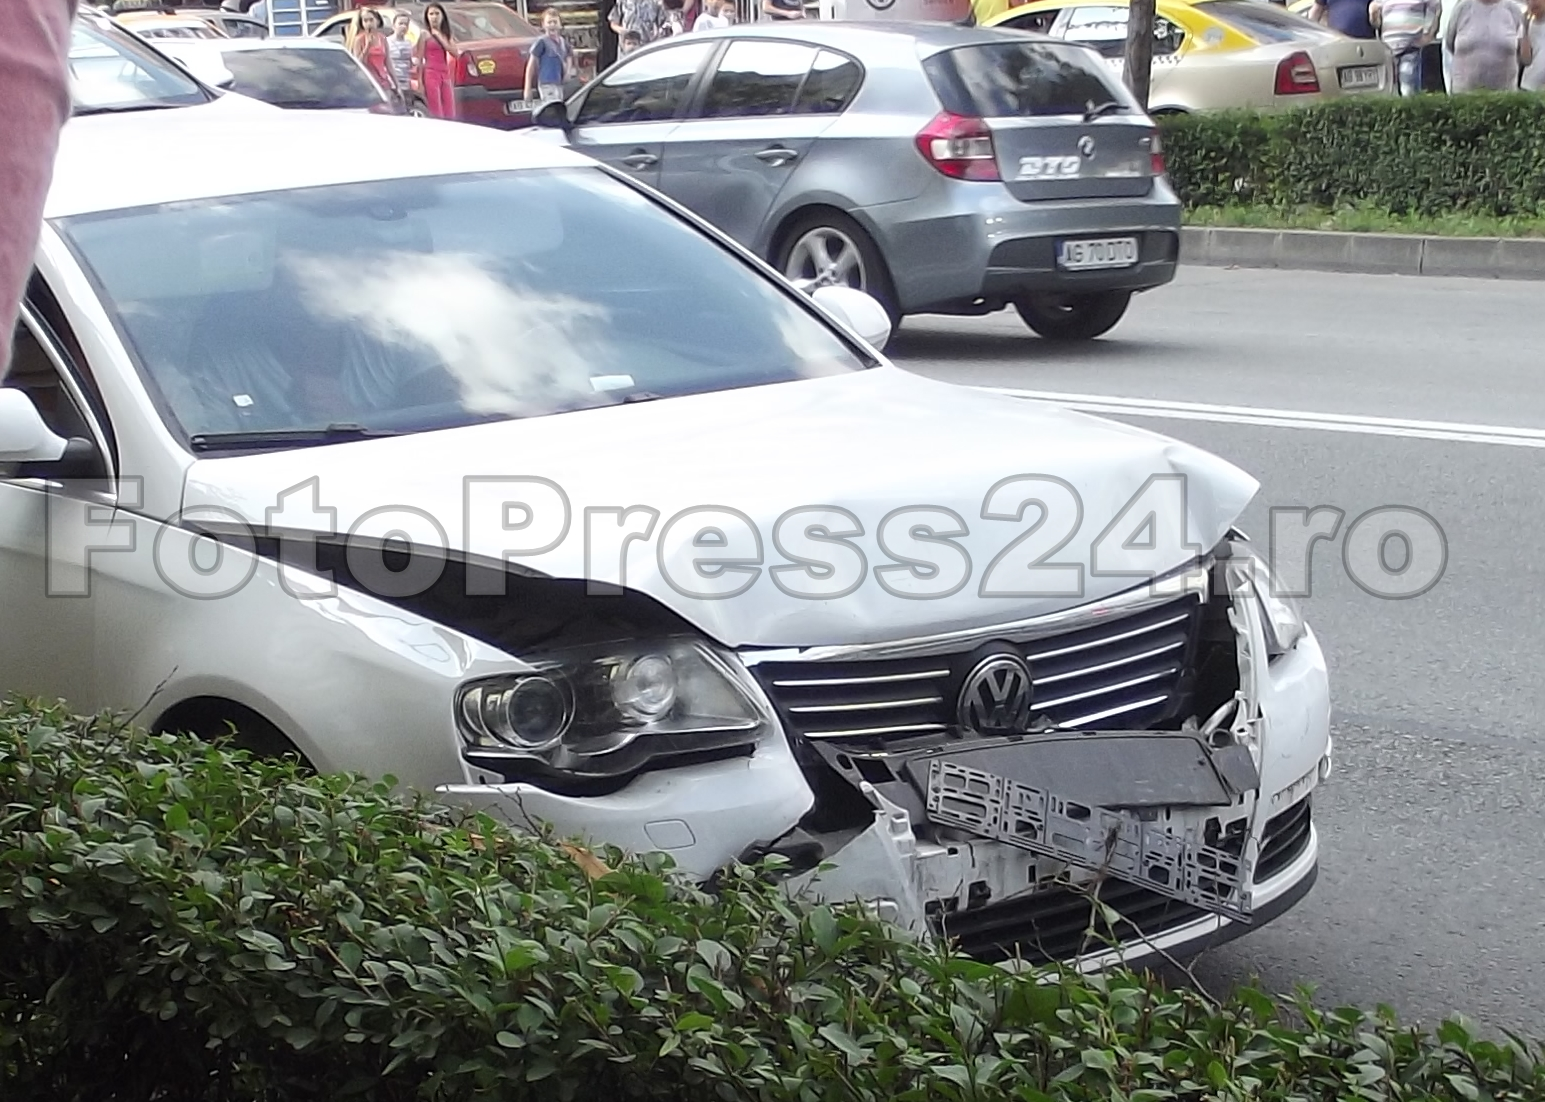 Accident GhitaPrundu-FotoPress24.24-Mihai Neacsu (11)